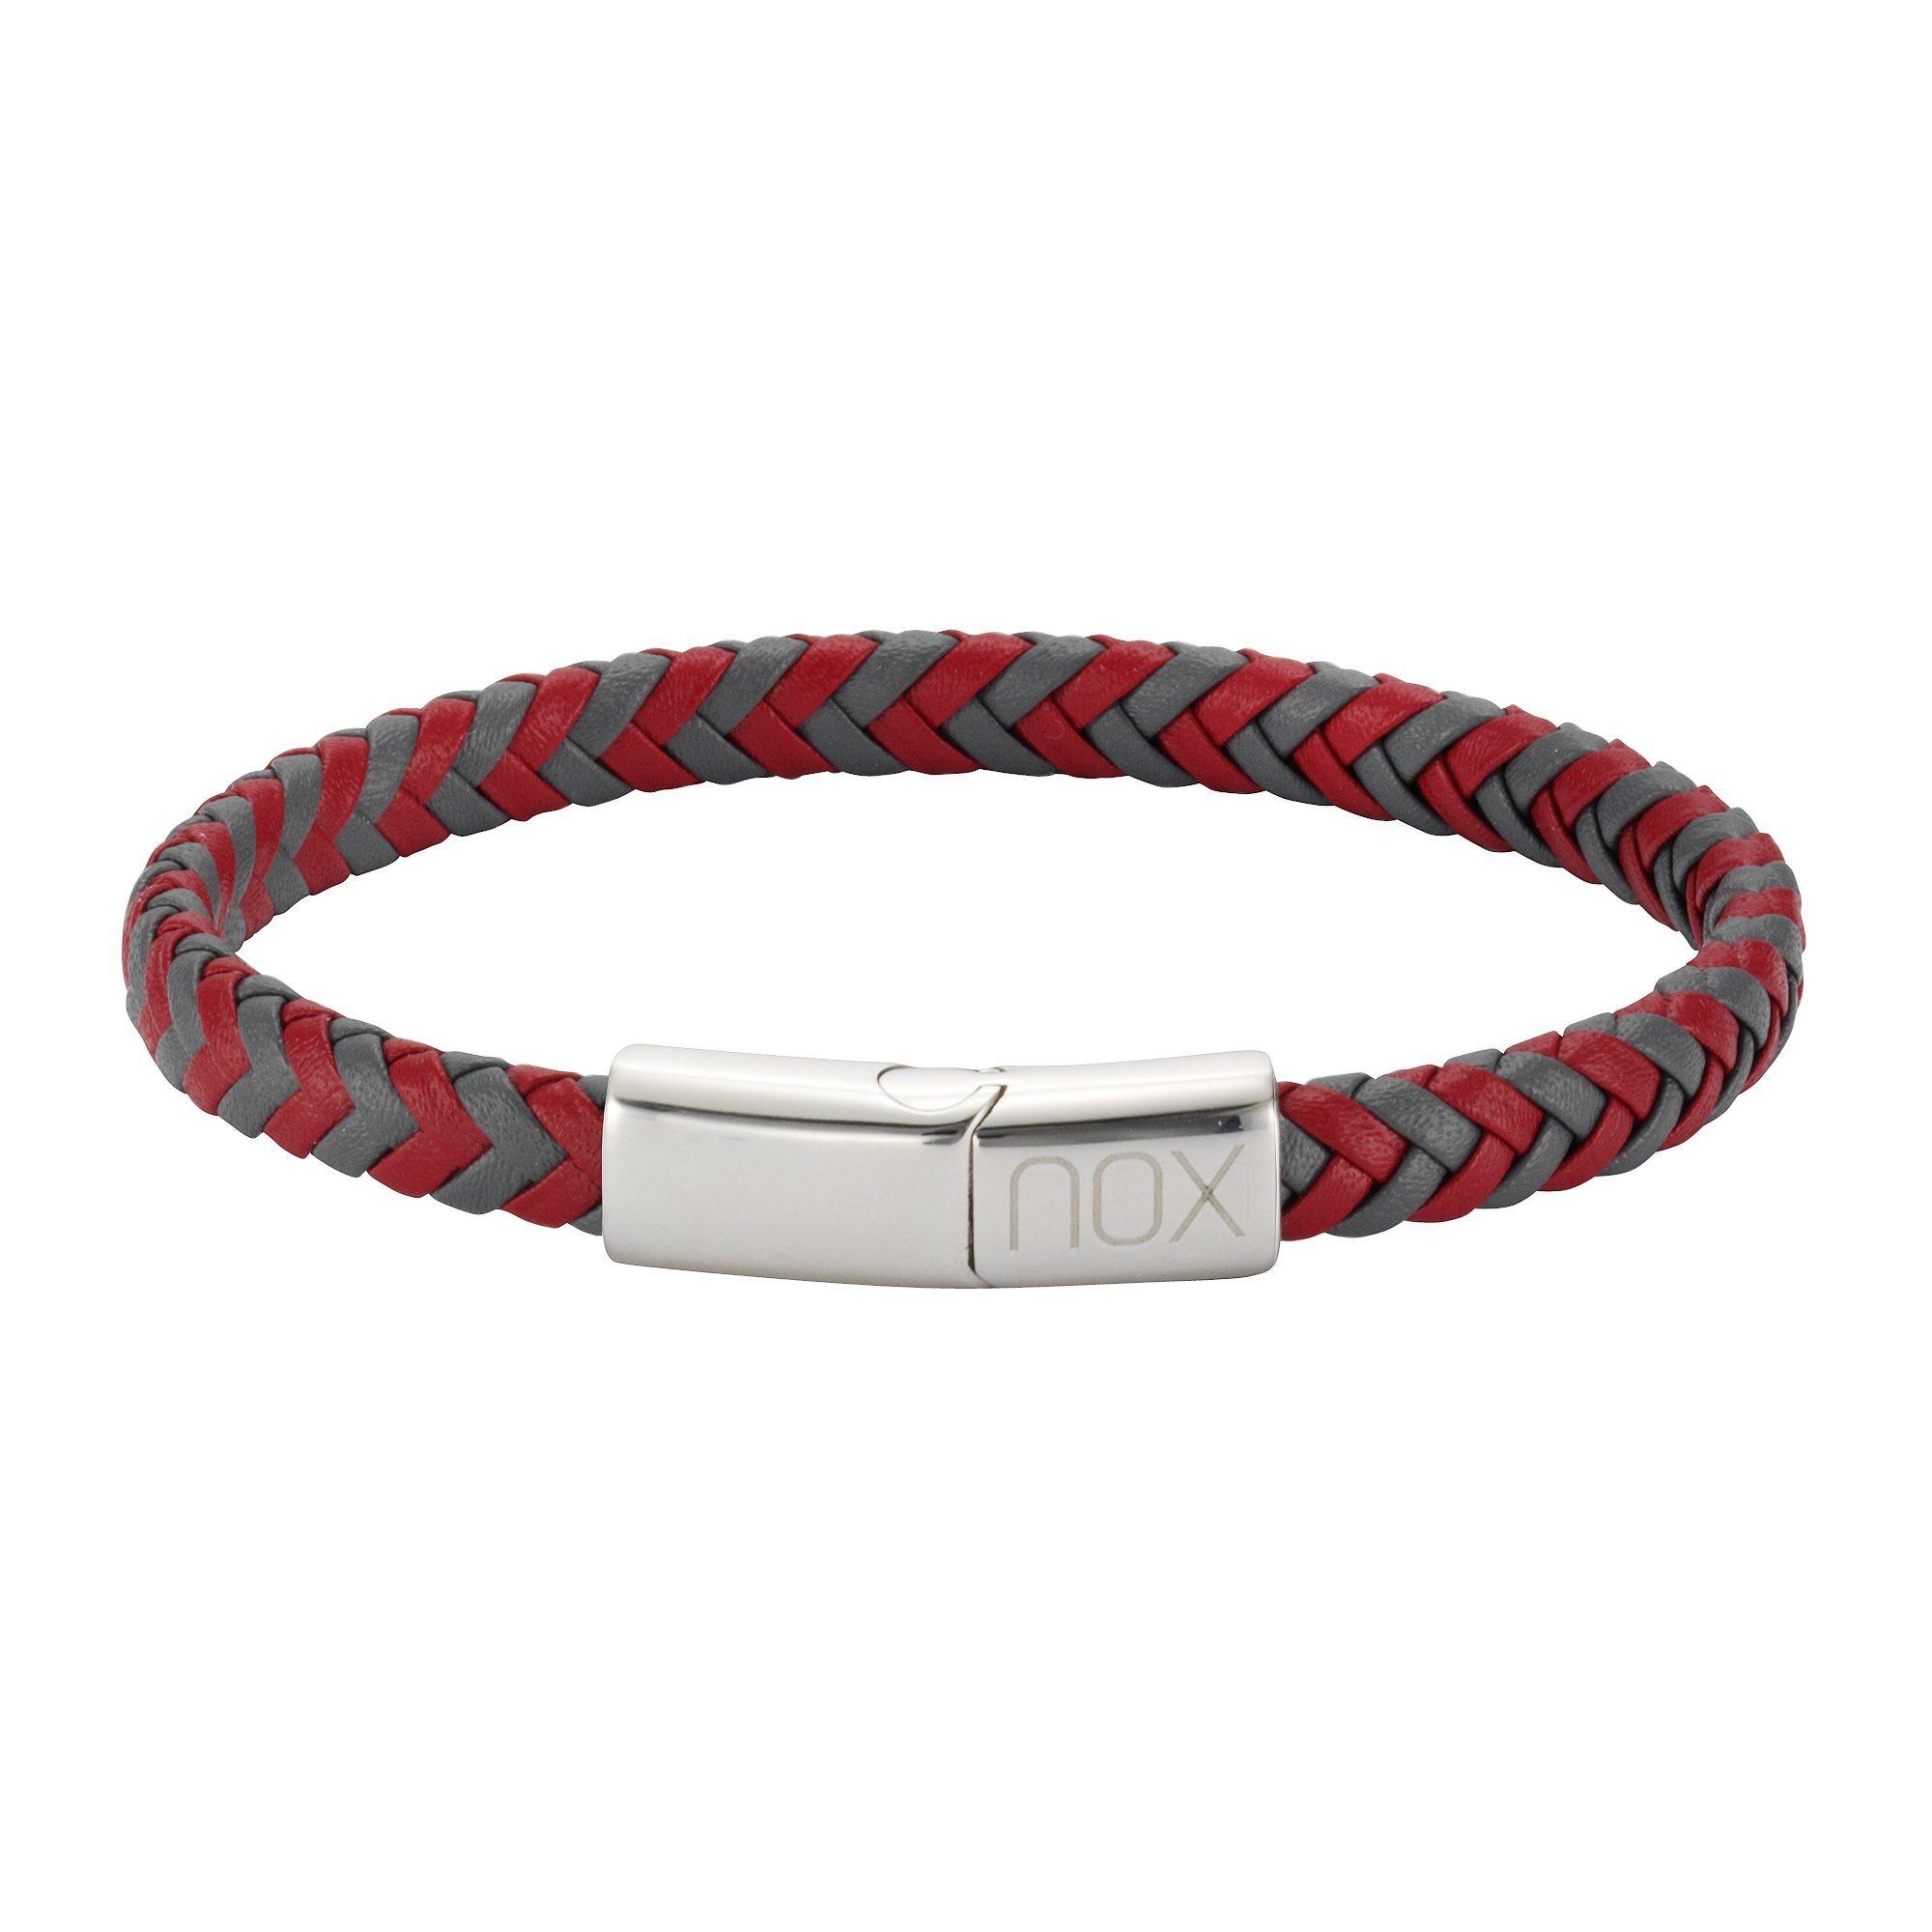 NOX Armband »Edelstahl Leder« | Schmuck > Armbänder > Sonstige Armbänder | Rot | NOX